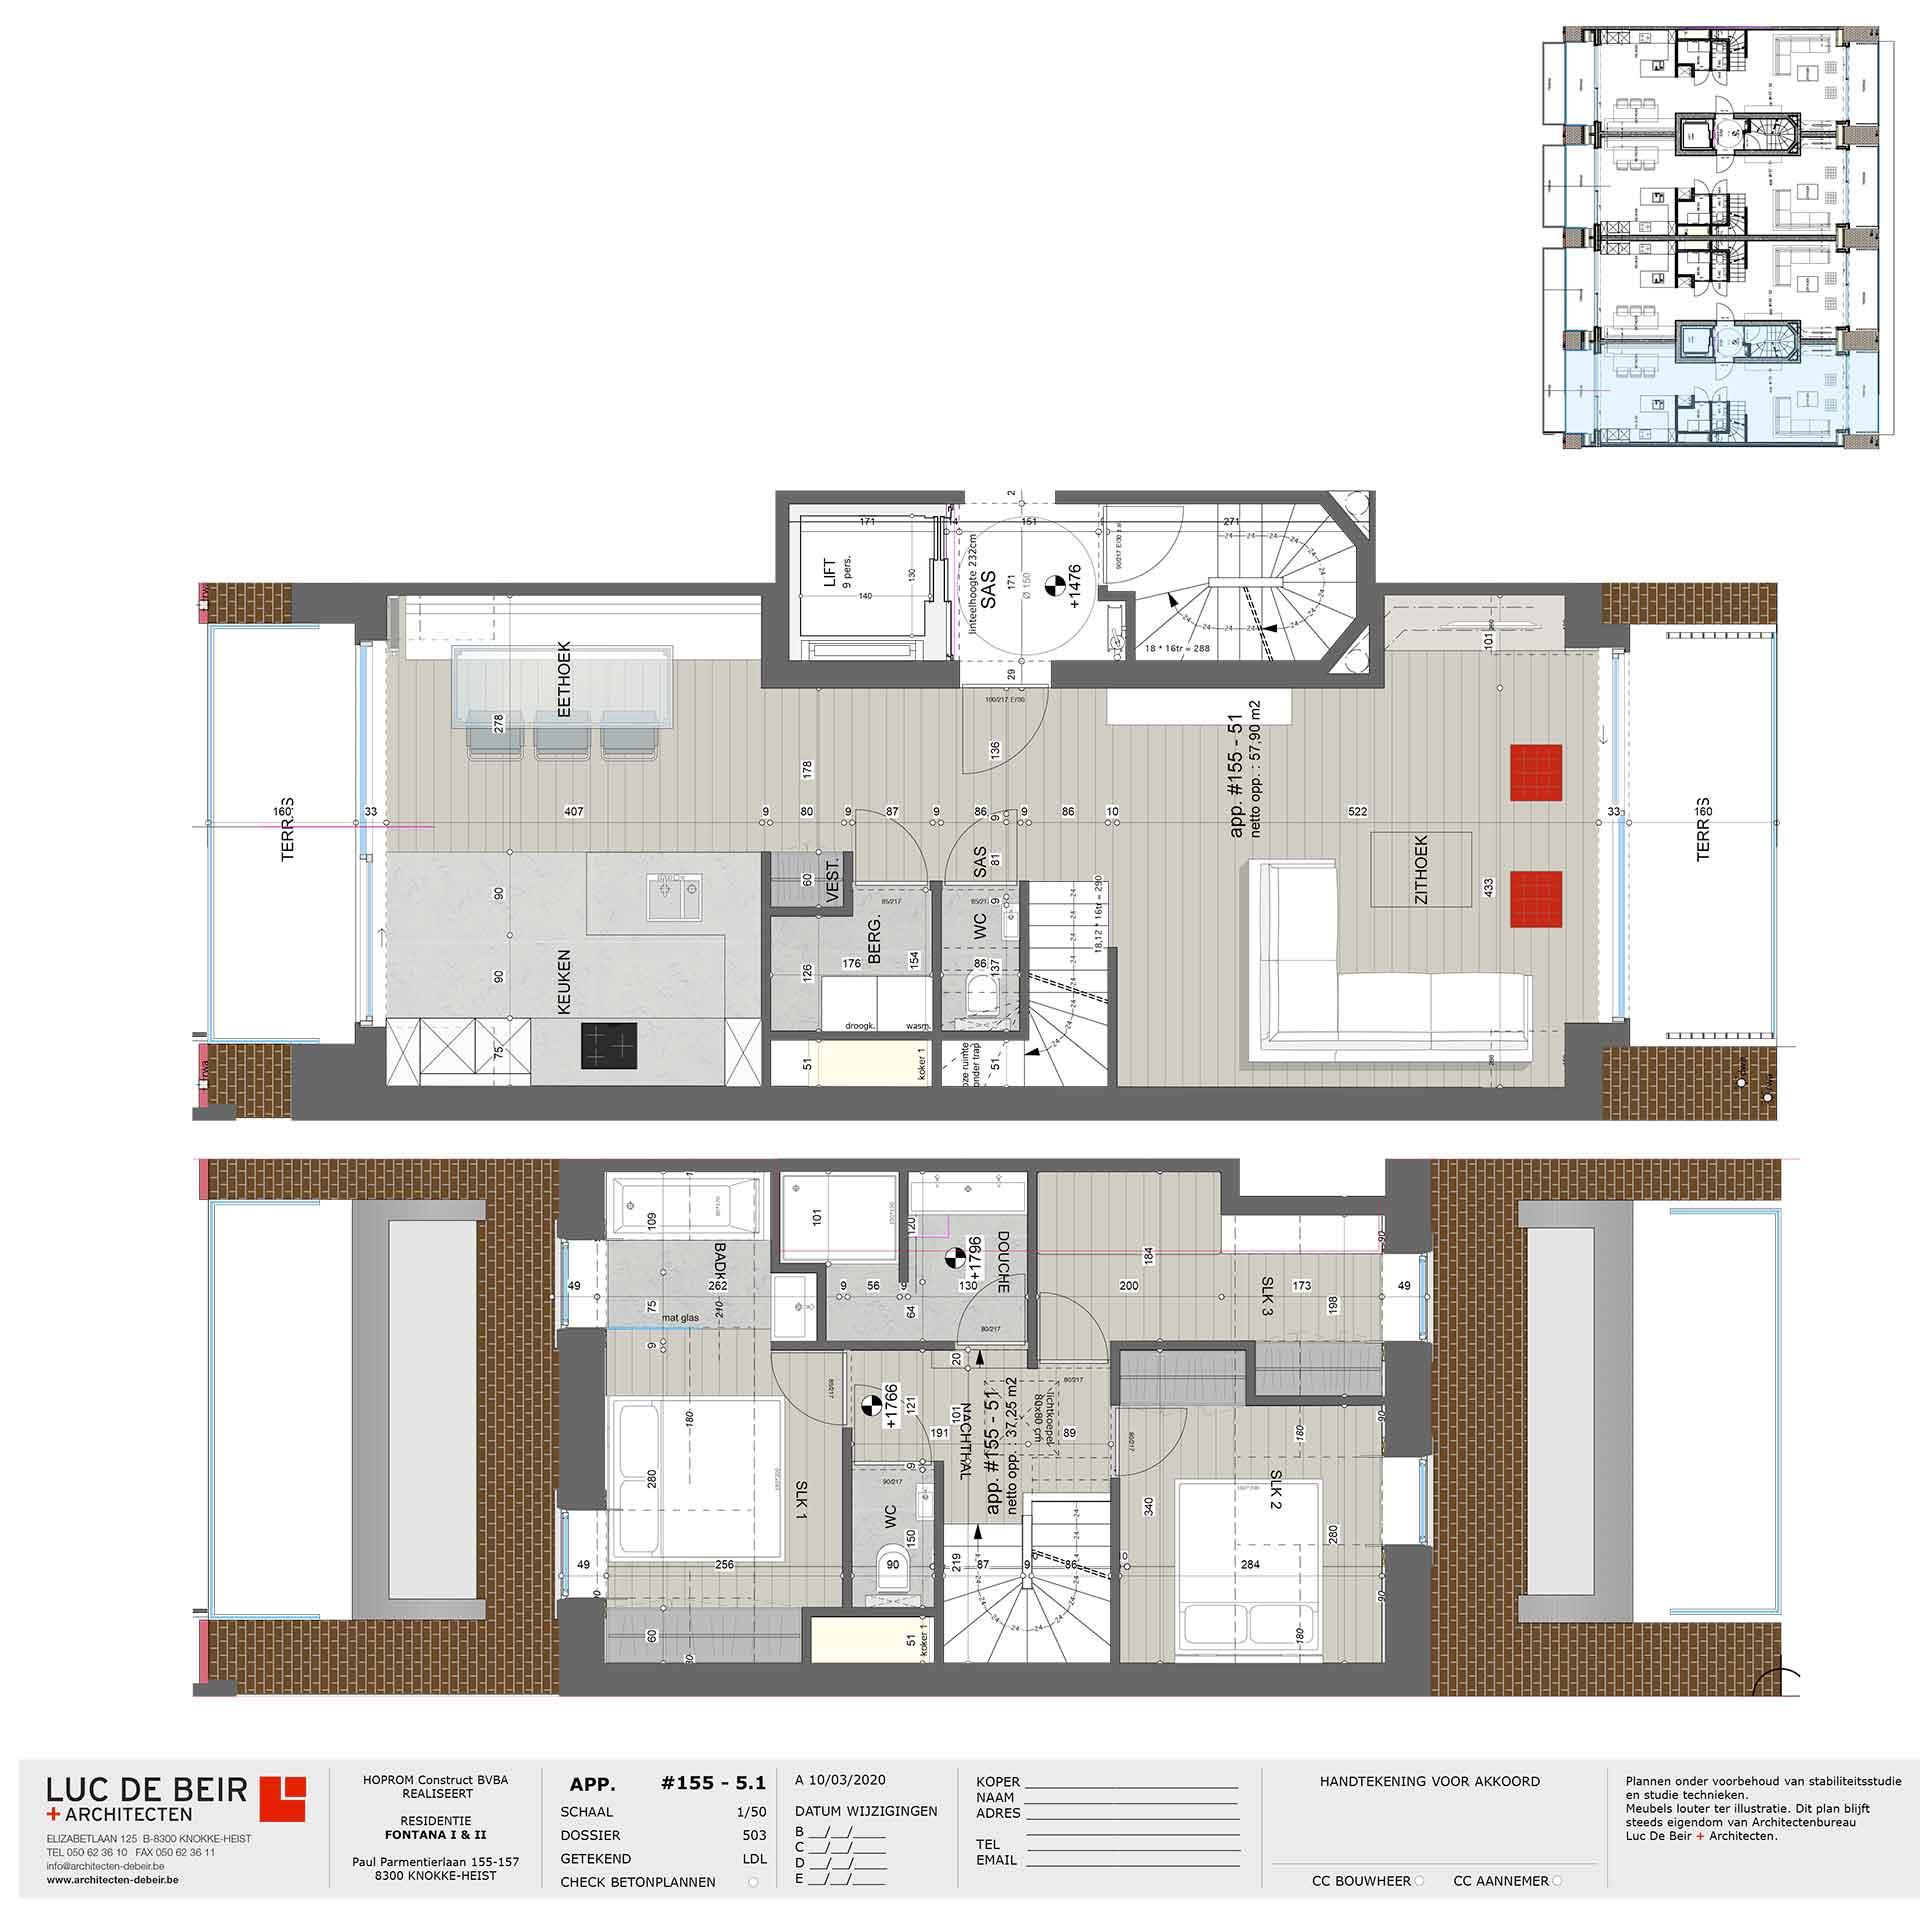 Residentie <br/> Fontana - image residentie-fontana-appartement-te-koop-knokke-plannen-155-51-2 on https://hoprom.be